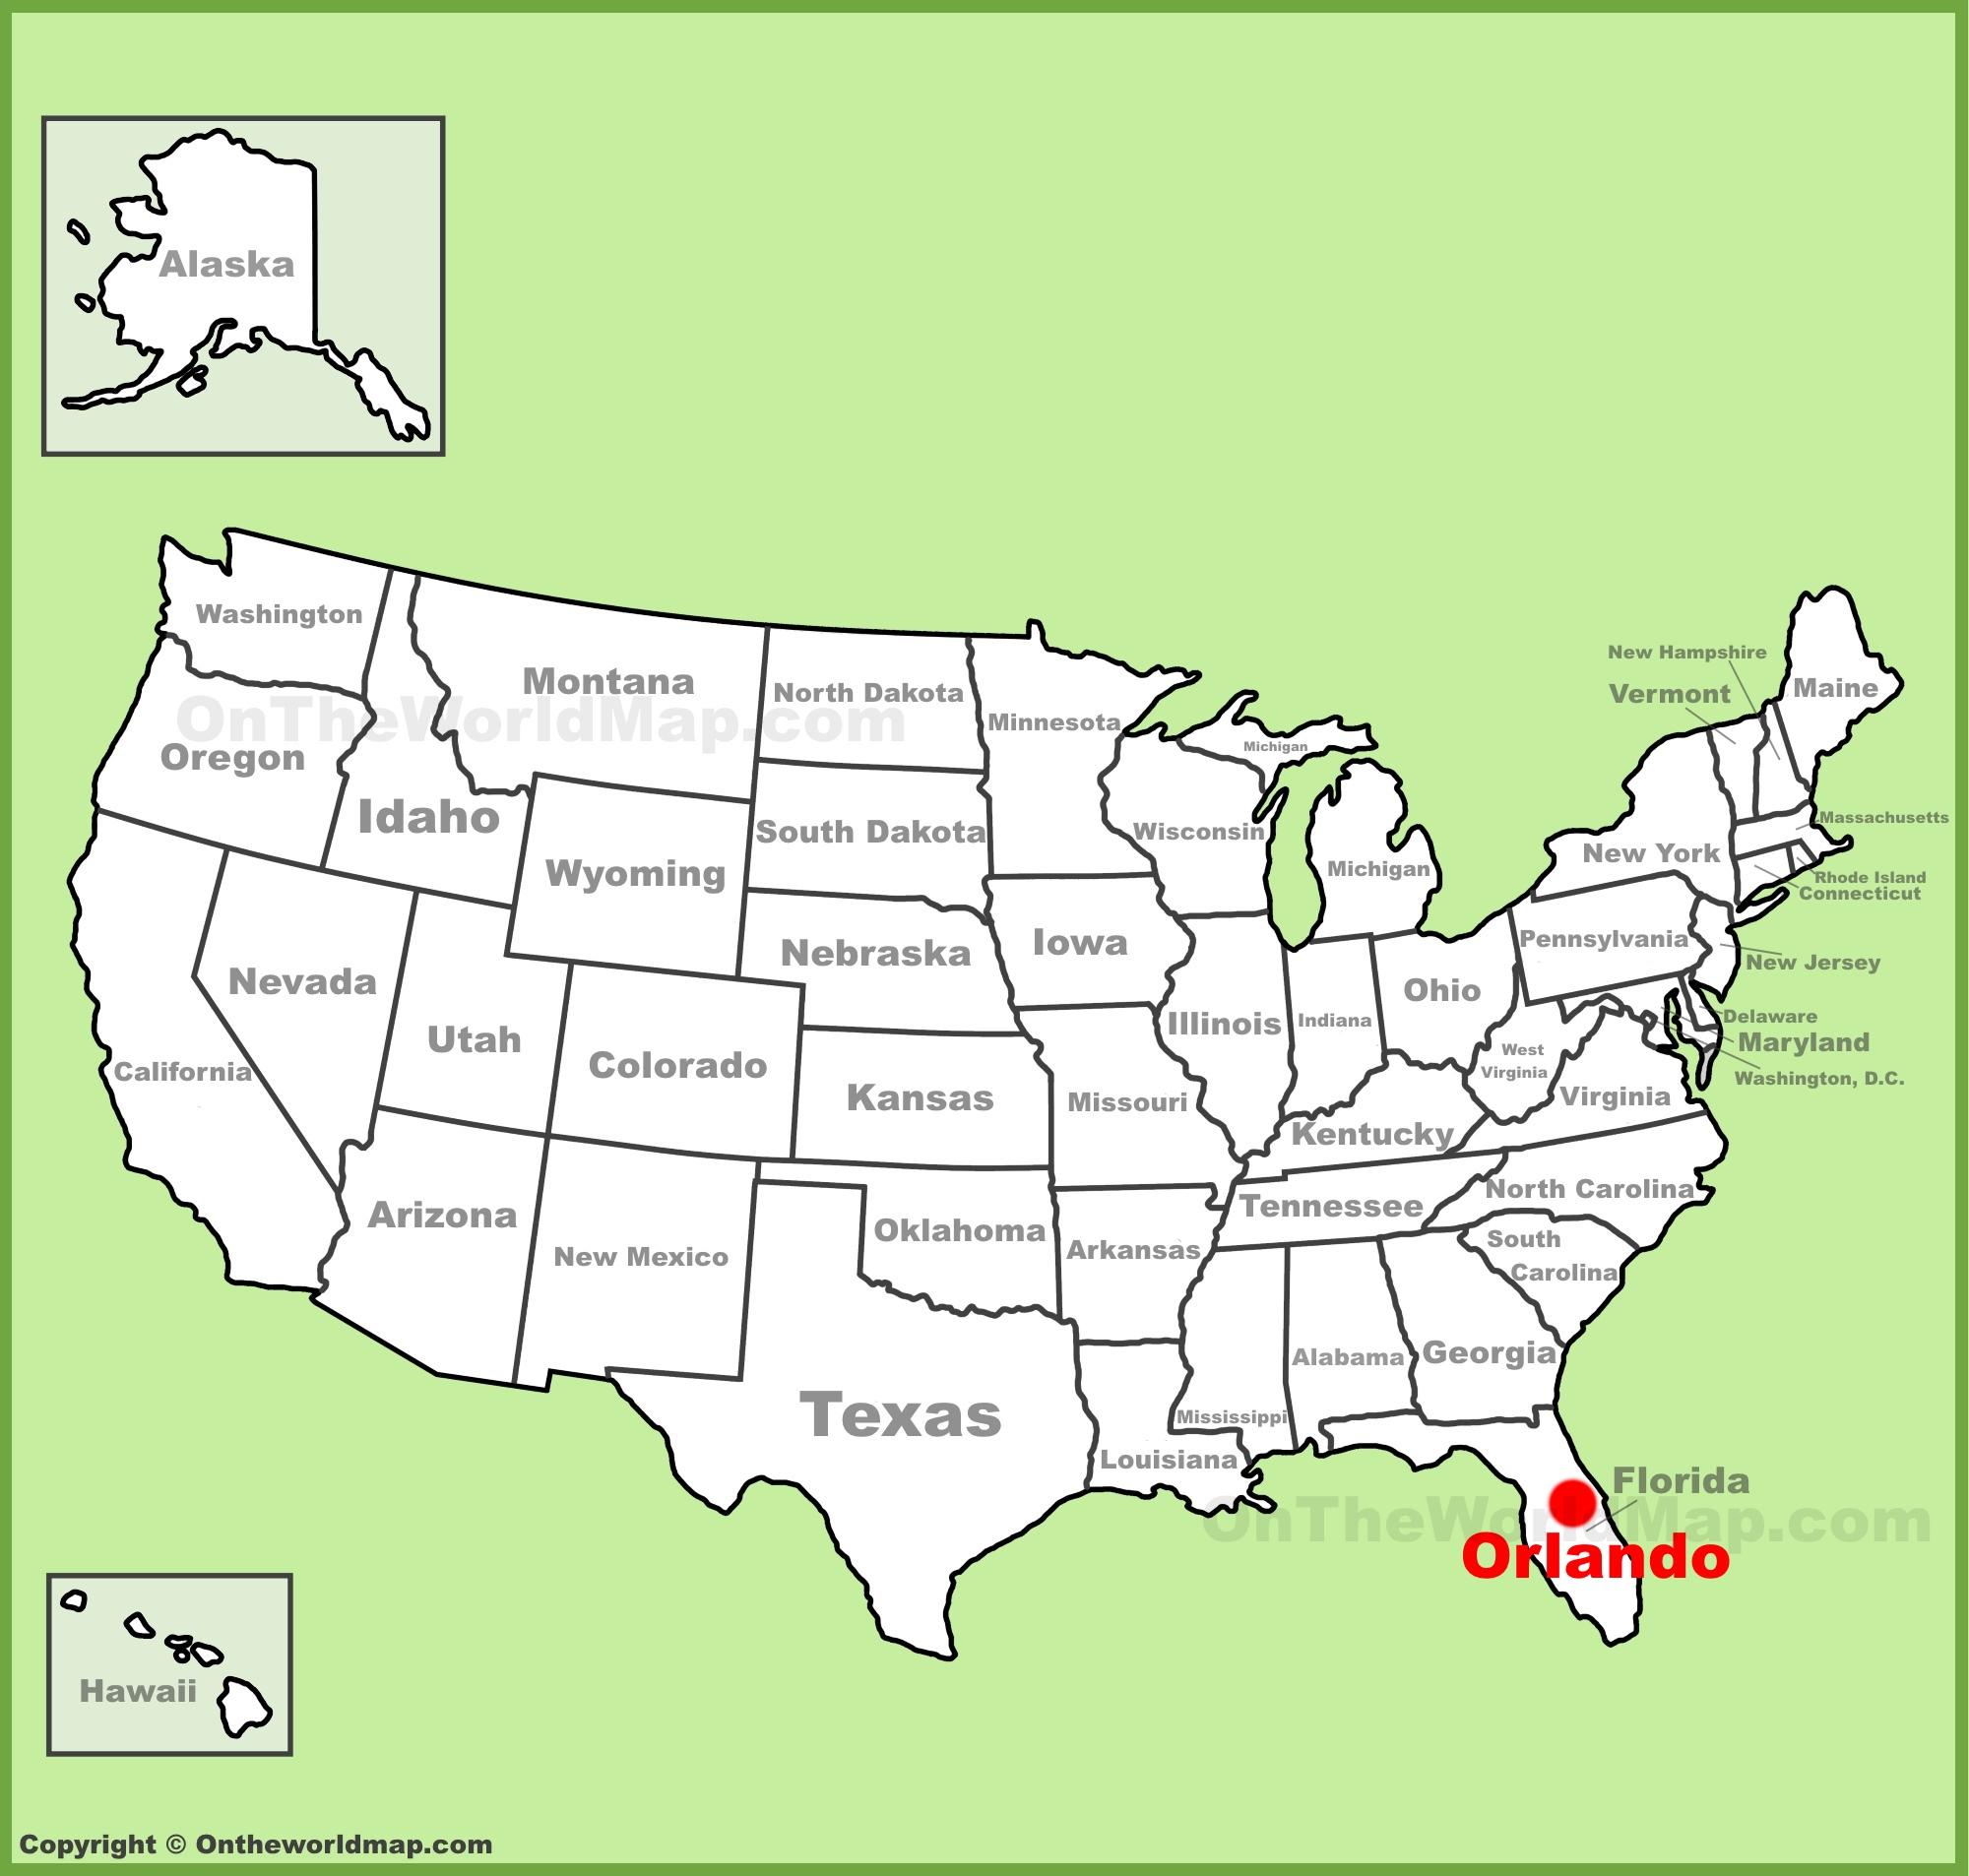 Orlando Maps | Florida, U.s. | Maps Of Orlando - Detailed Map Of Orlando Florida